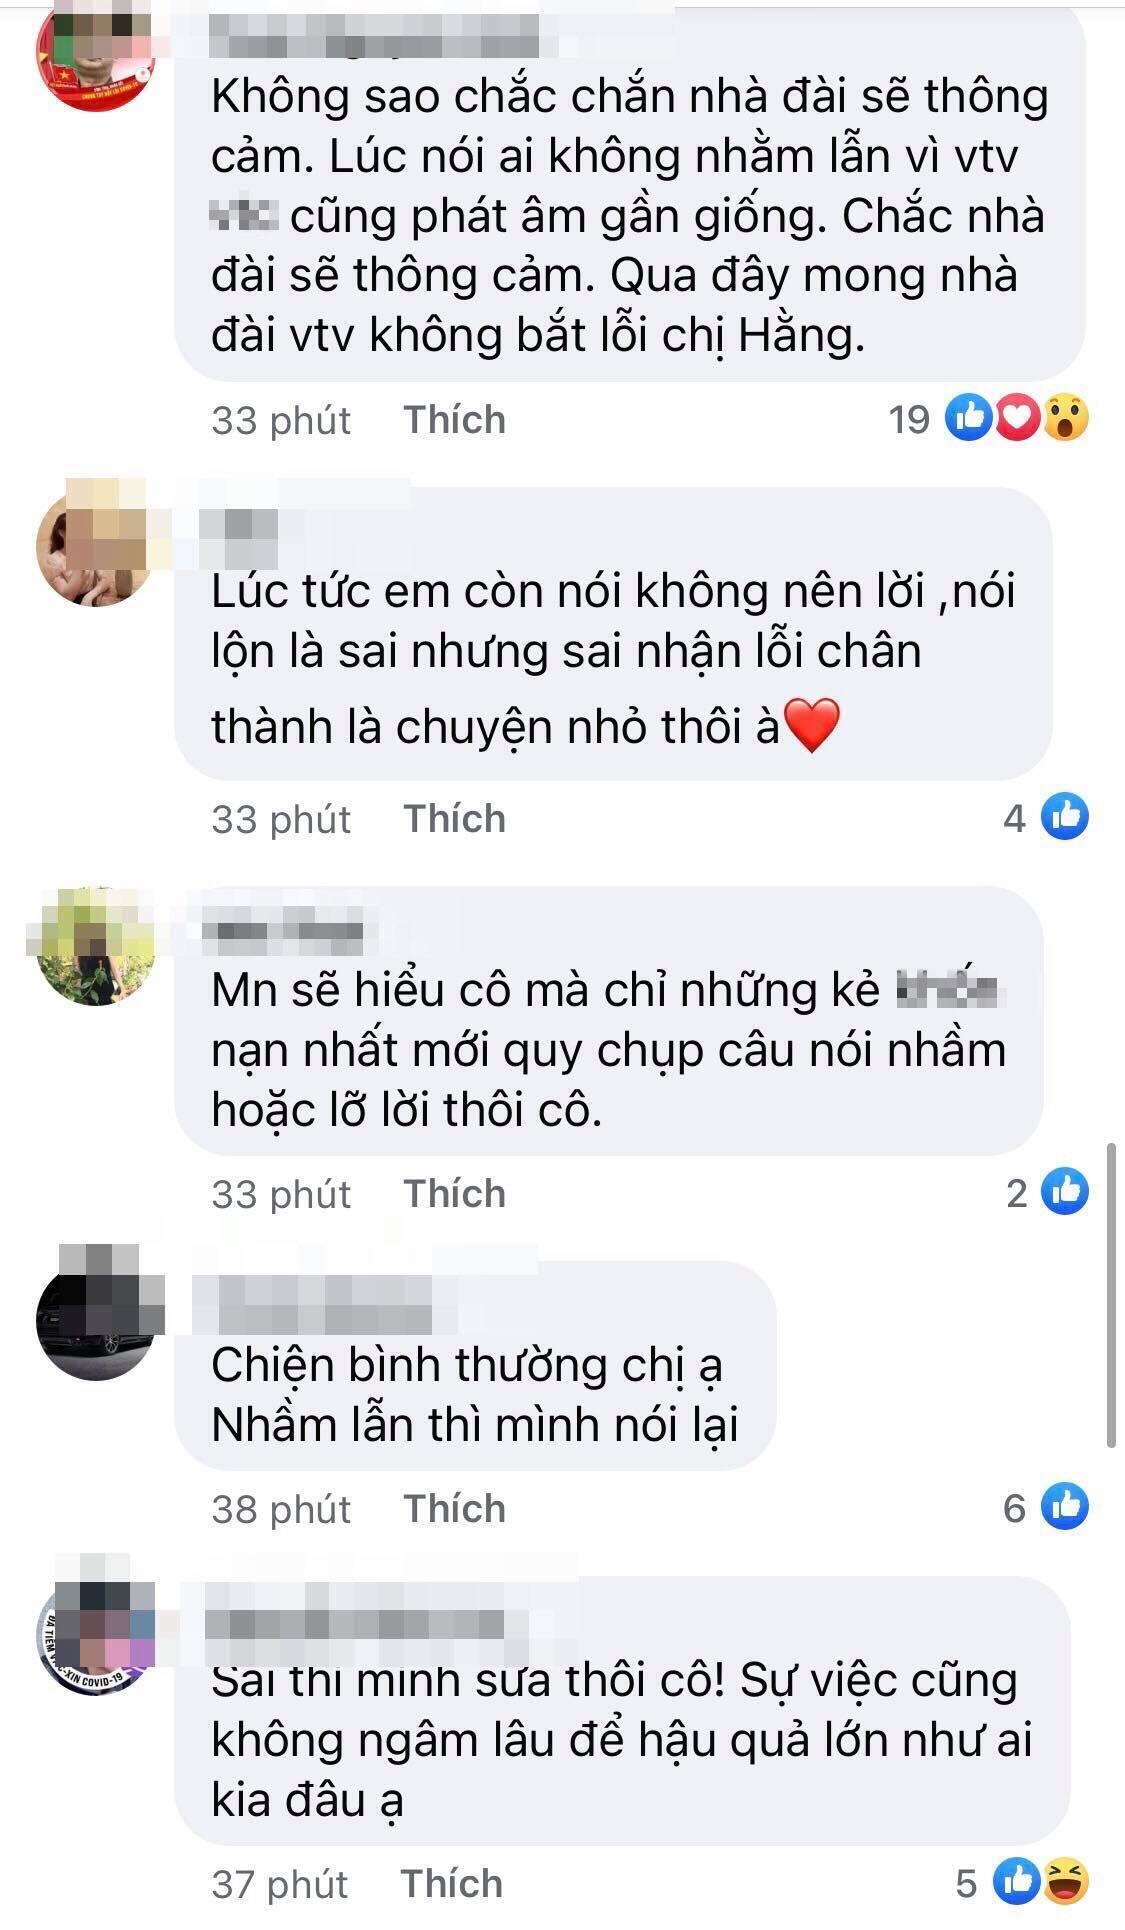 Sau livestream 'sướt mướt' cùng ông Dũng 'lò vôi', bà Phương Hằng lập tức xin lỗi nhà đài VTV - Ảnh 4